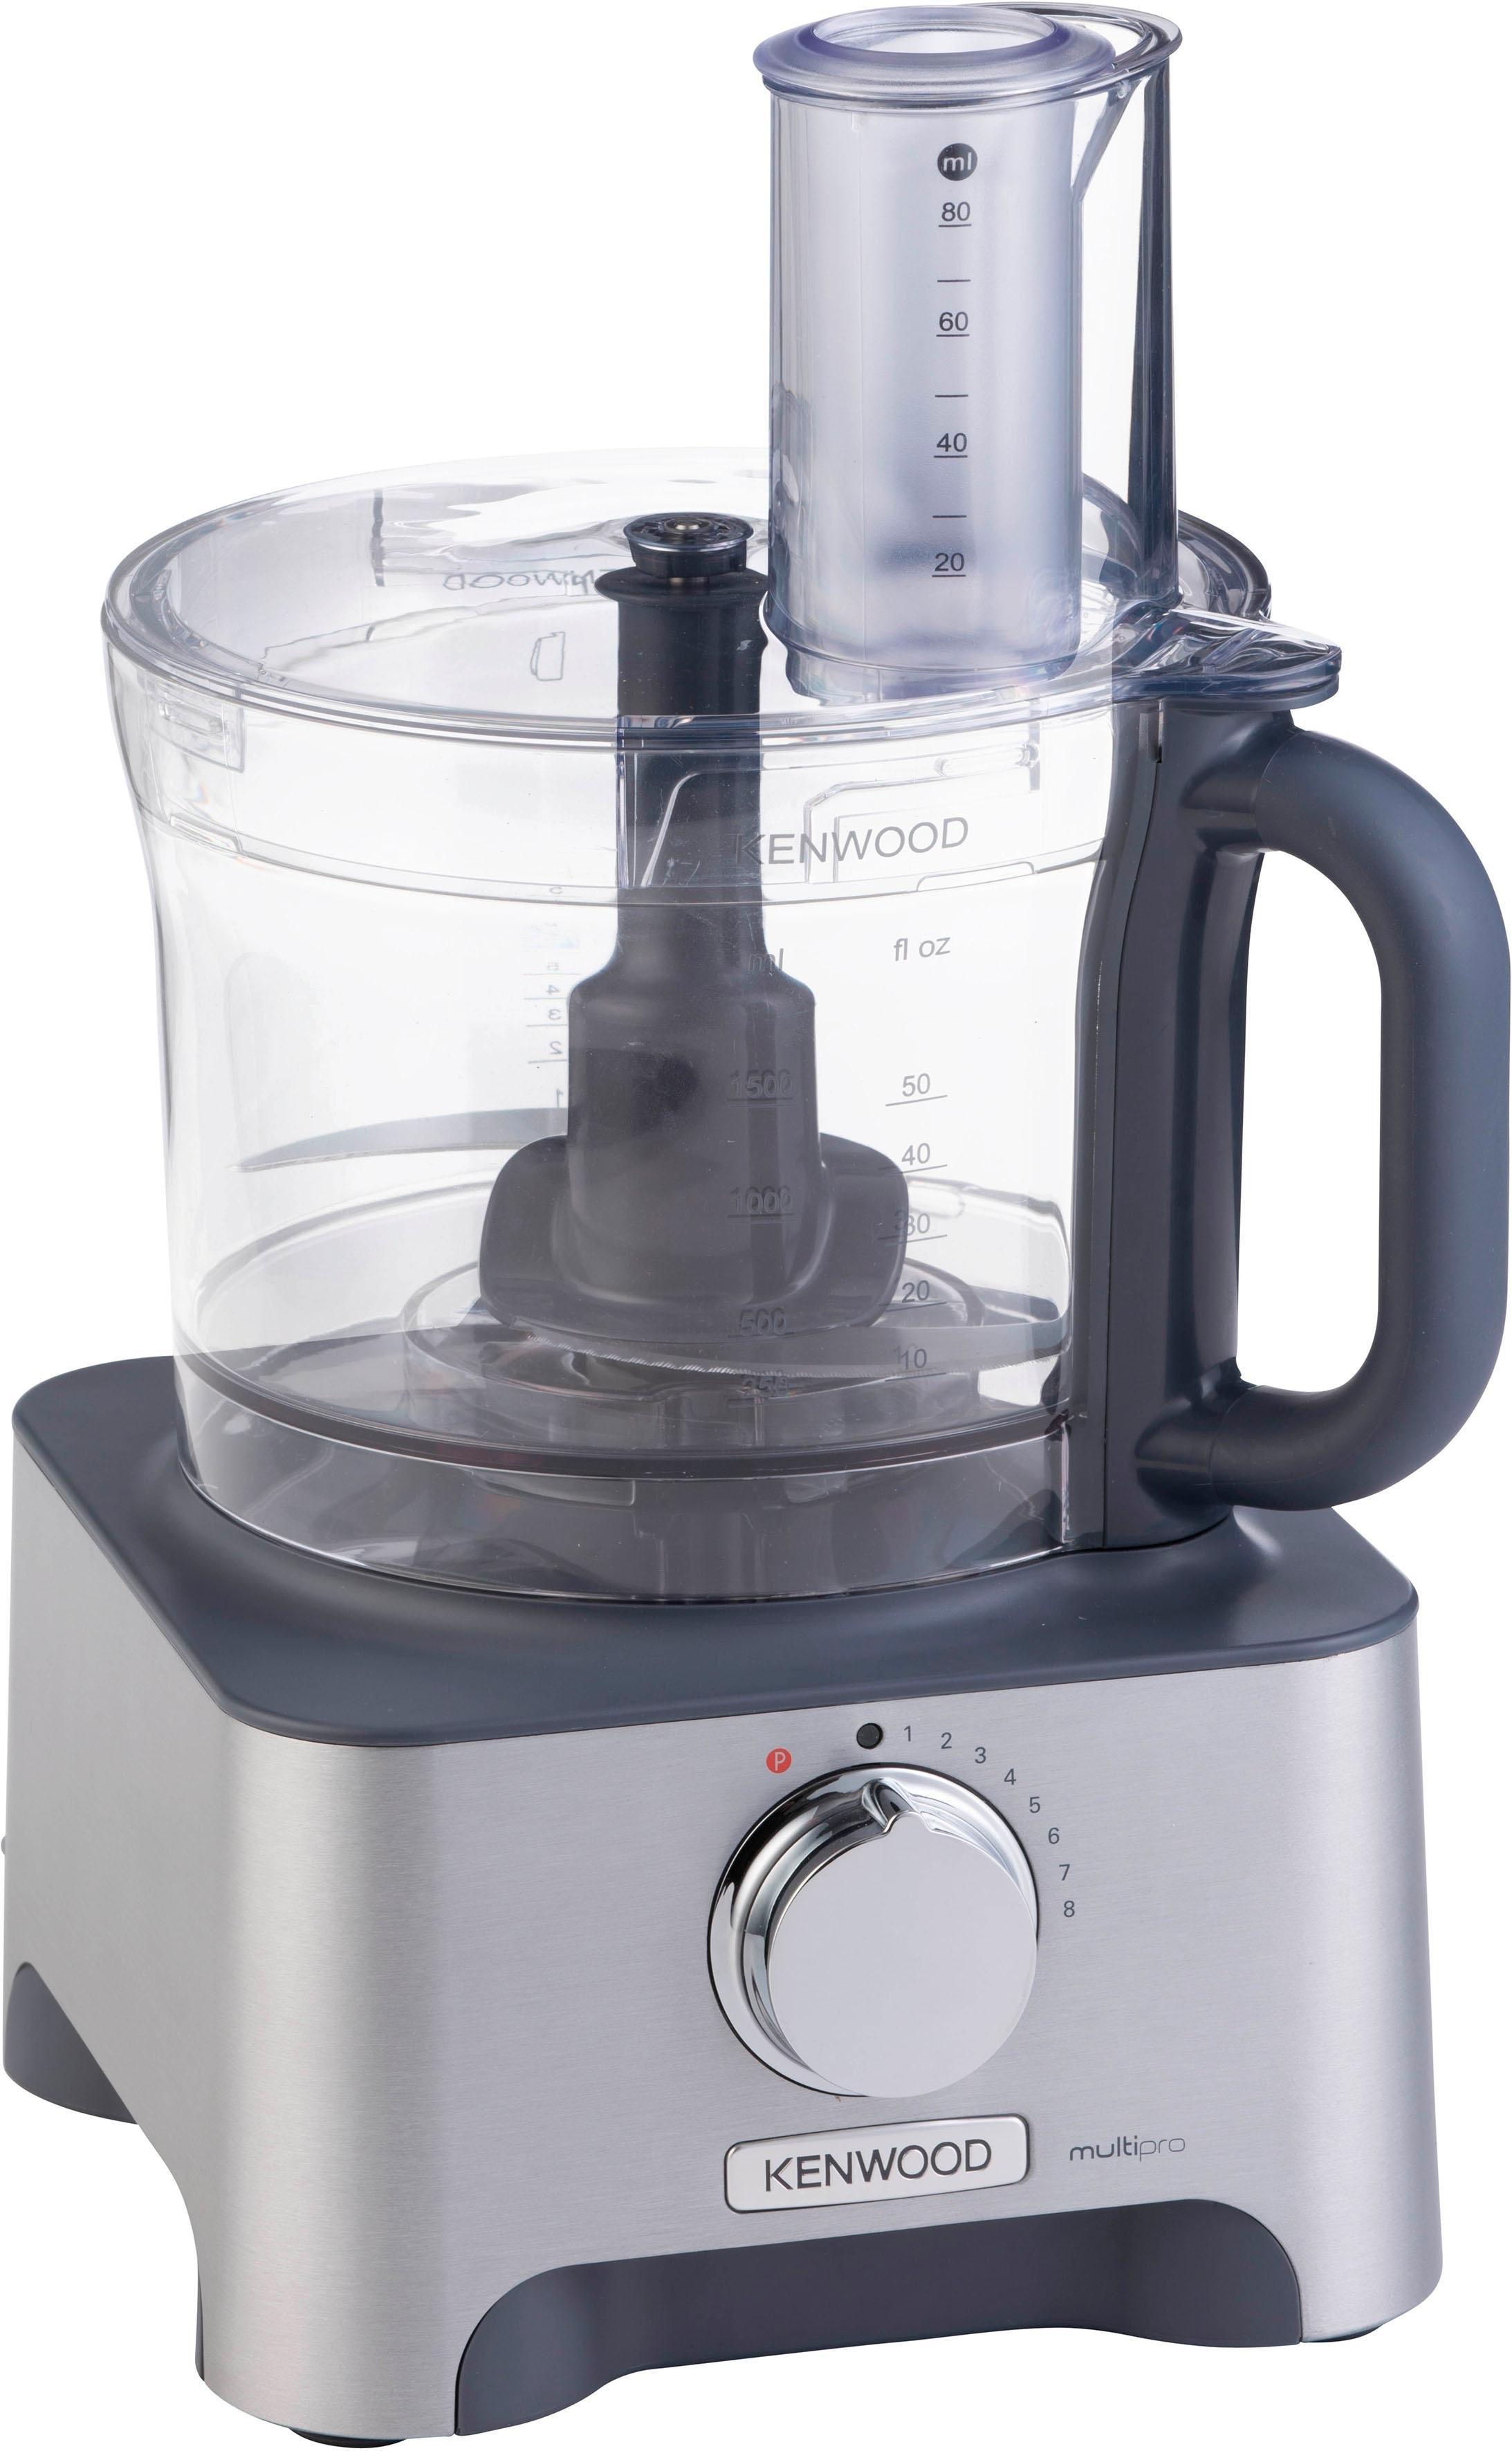 Kenwood compacte keukenmachine Multipro Classic FDM781, 1000 W, kom 3 liter bij OTTO online kopen